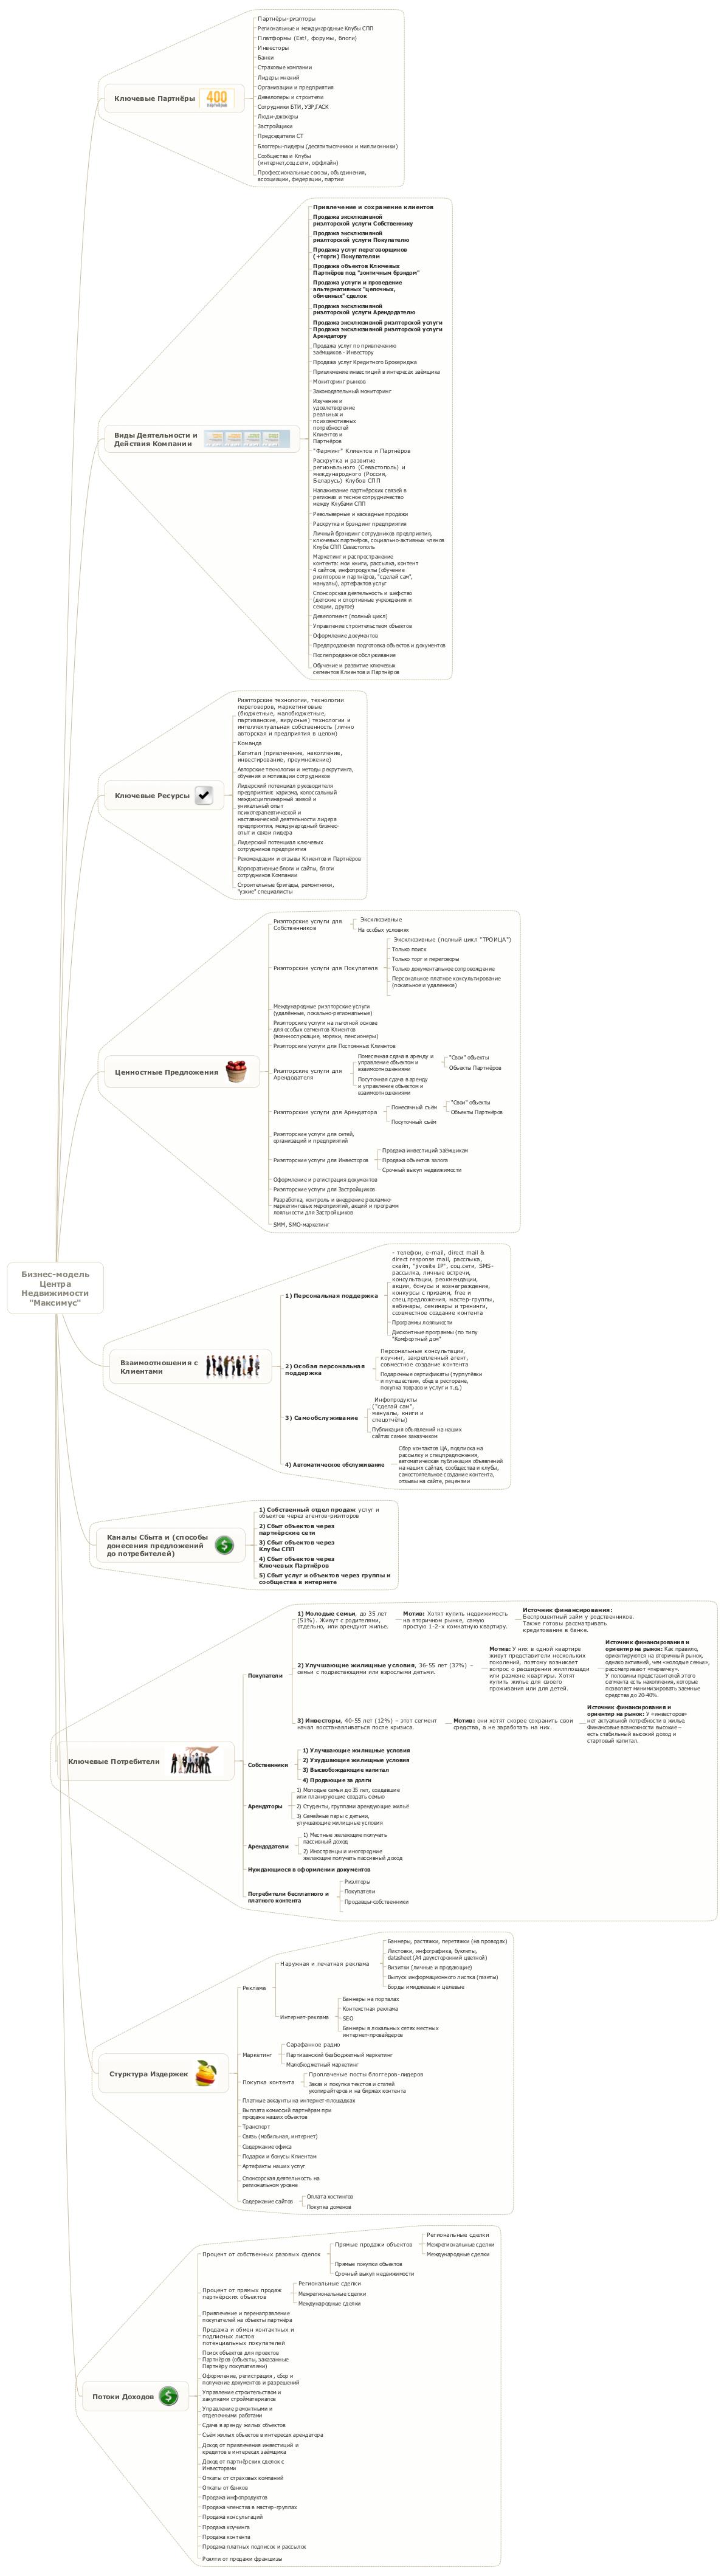 бизнес-модель агентства недвижимости по принципам СПП